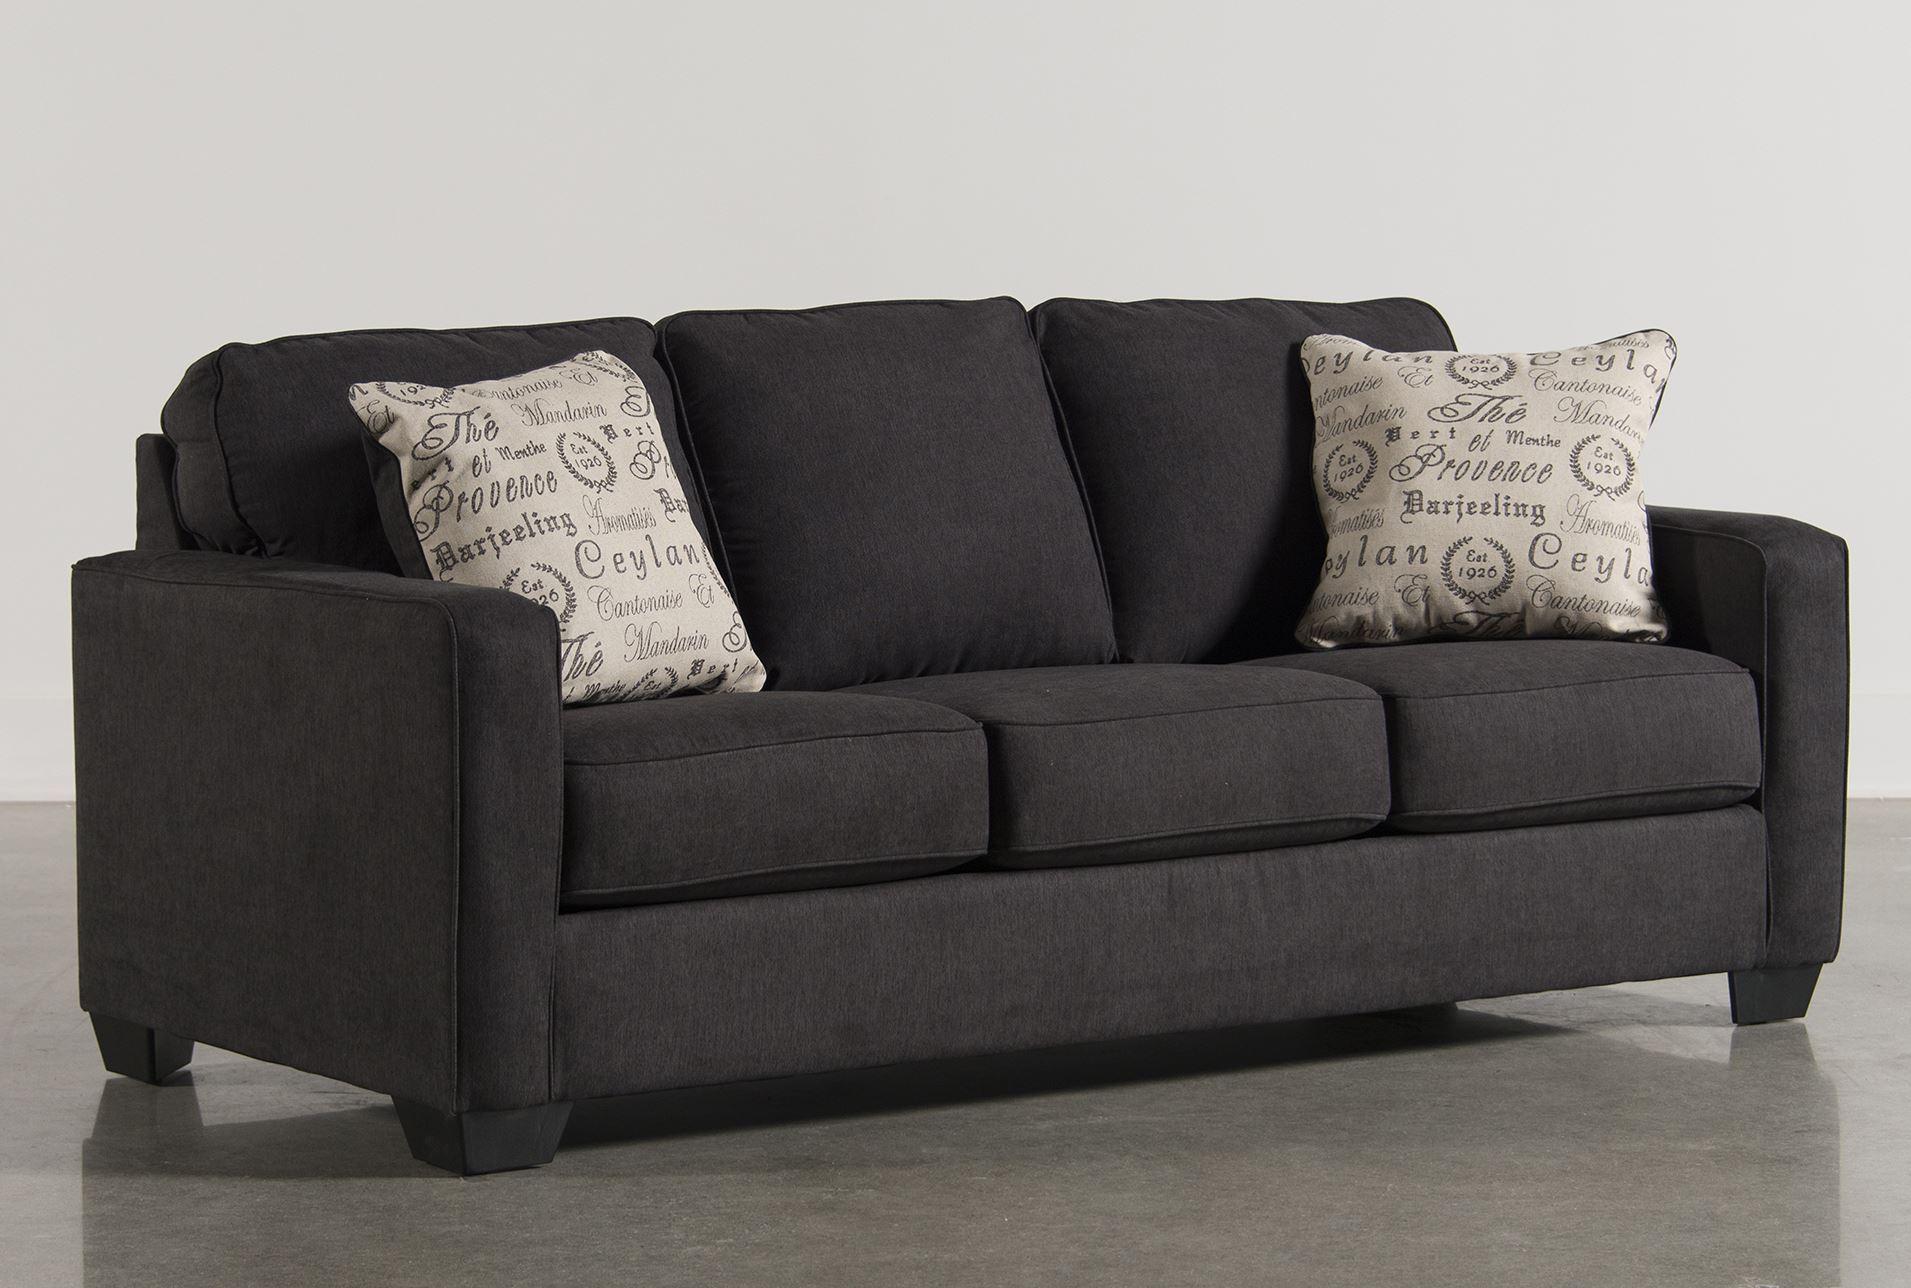 Sofa | Shoise Throughout Simple Sofas (Photo 13 of 20)